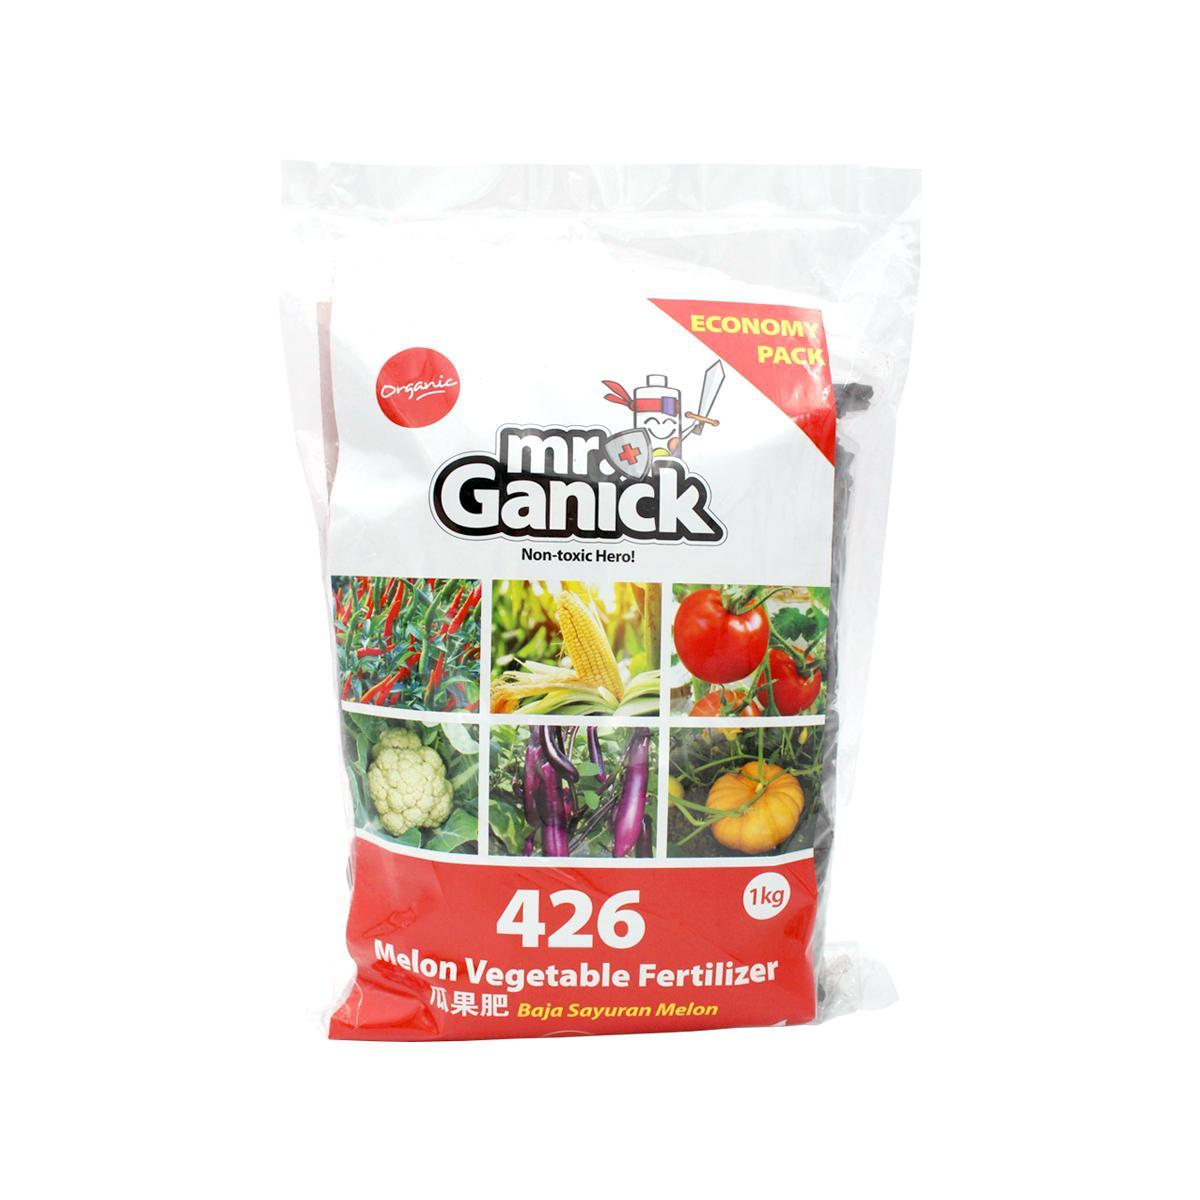 Baba Mr Ganick 426 Melon Vegetable Fertilizer (1 Kg)